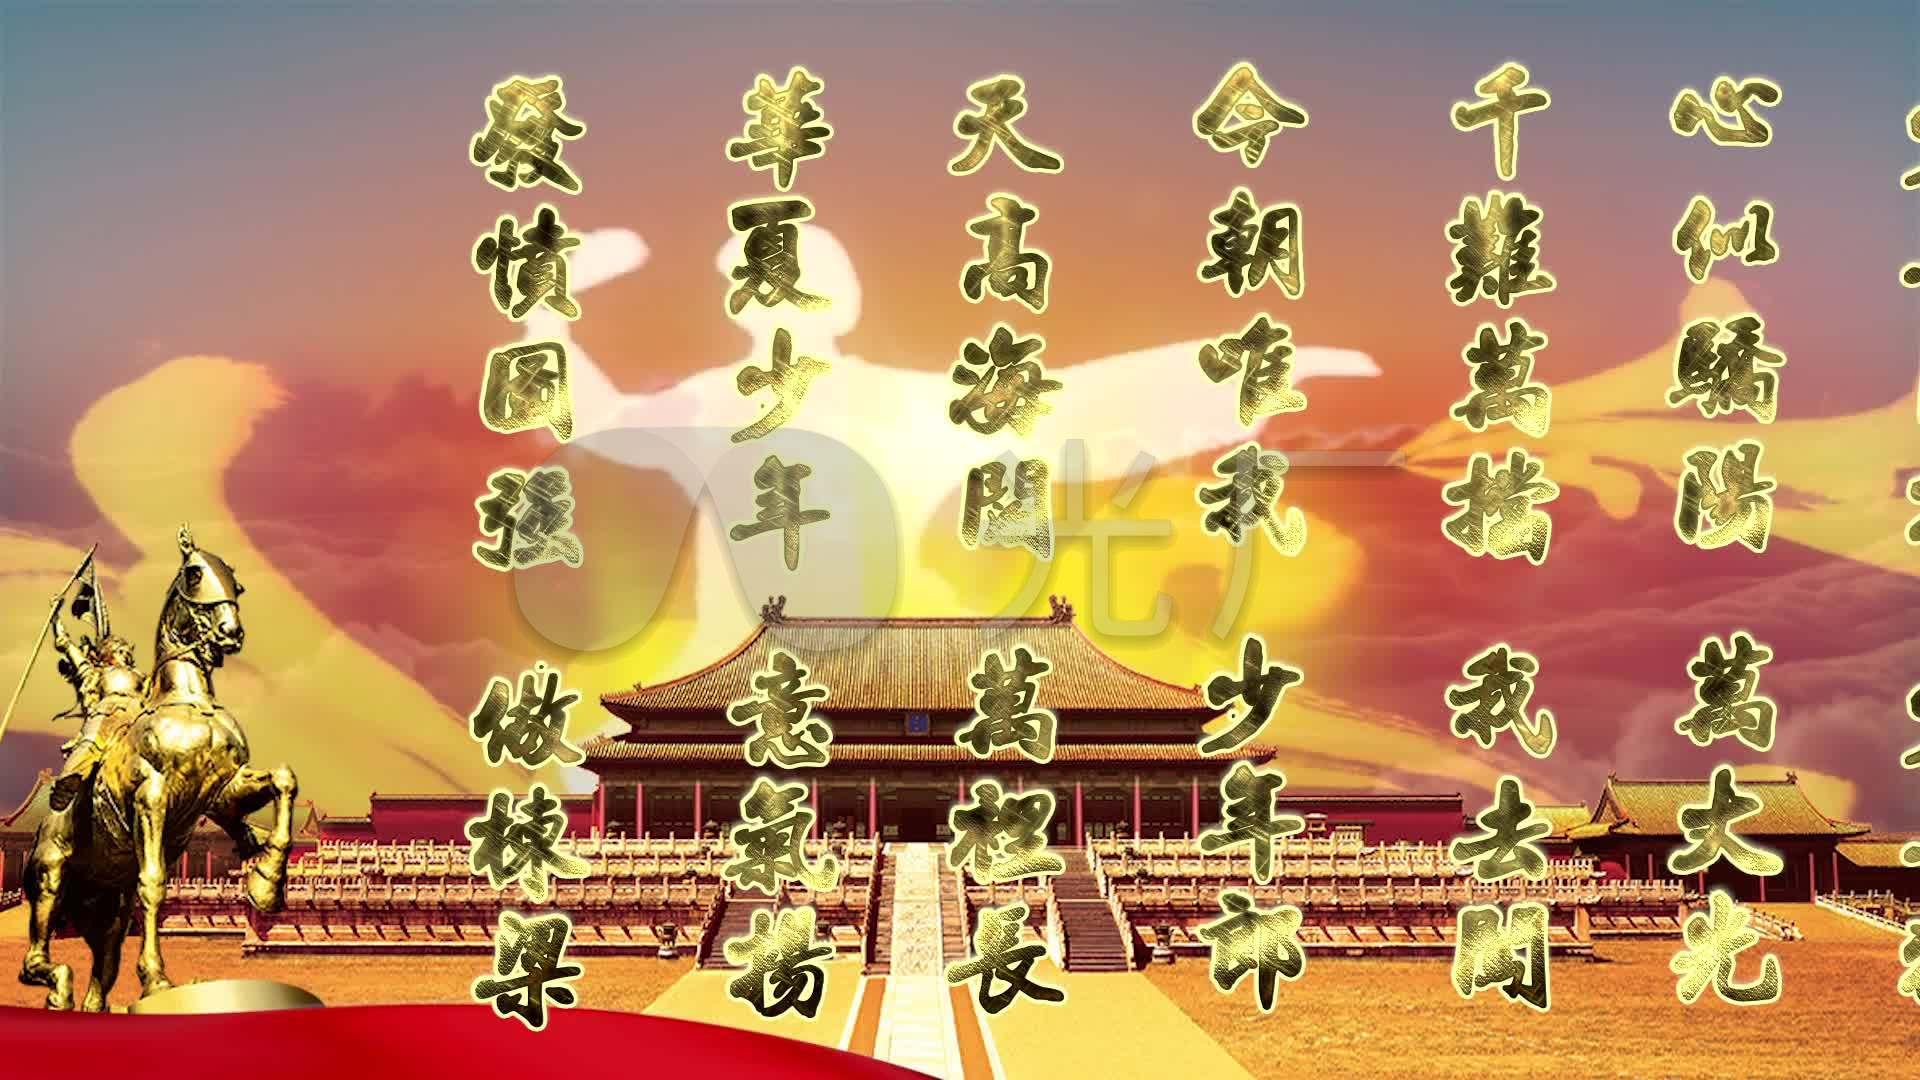 张杰《少年中国说》led舞台背景mv图片